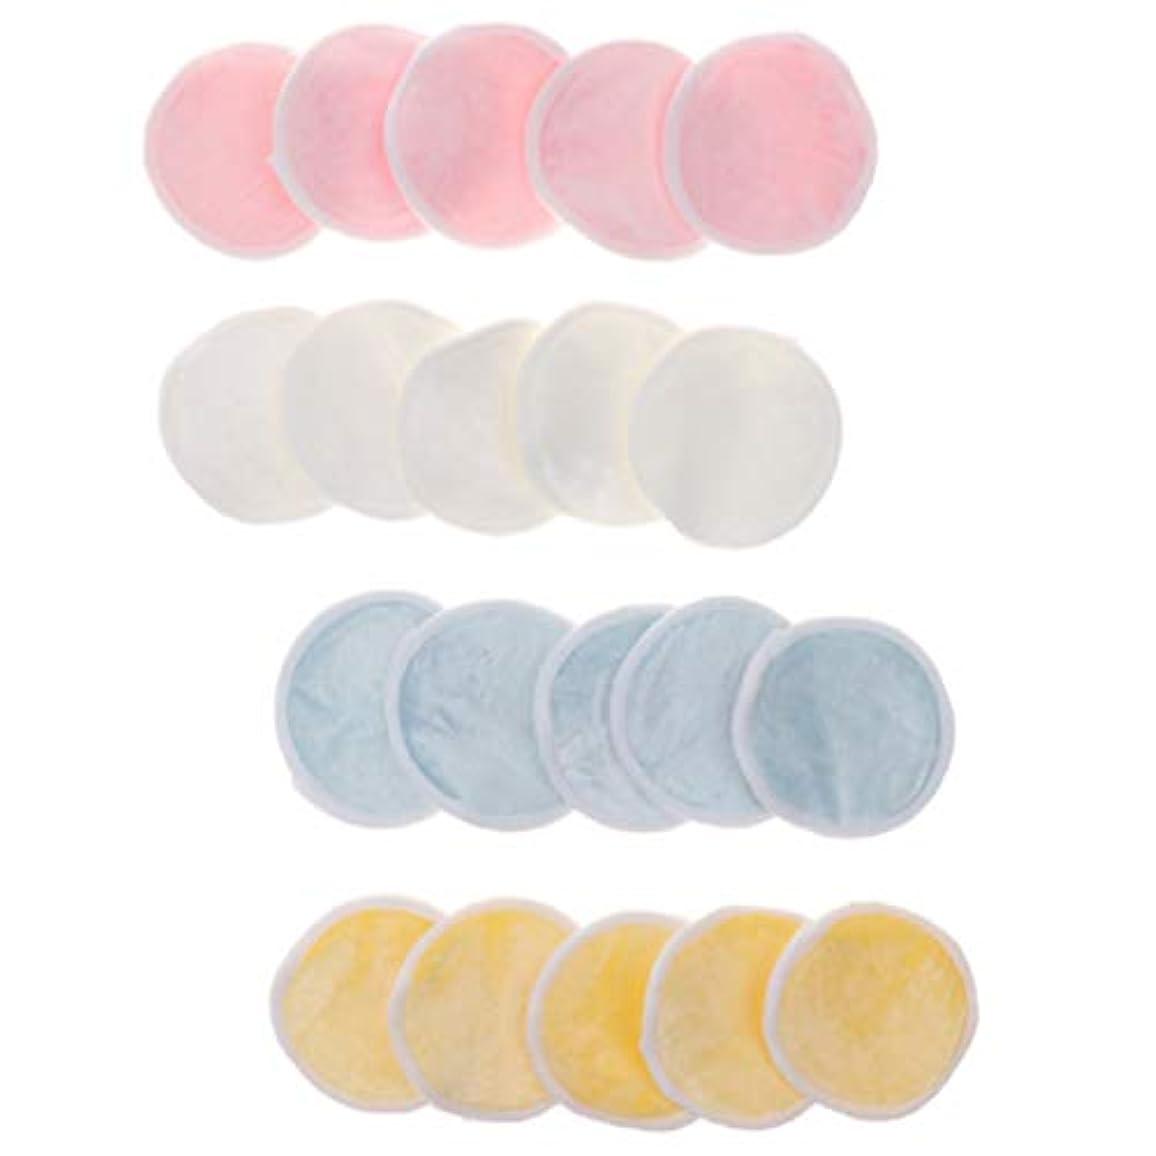 くちばしピッチャー購入化粧落としパッド メイク落としコットン クレンジング 再使用可能 ジッパーメッシュバッグ付 20個入